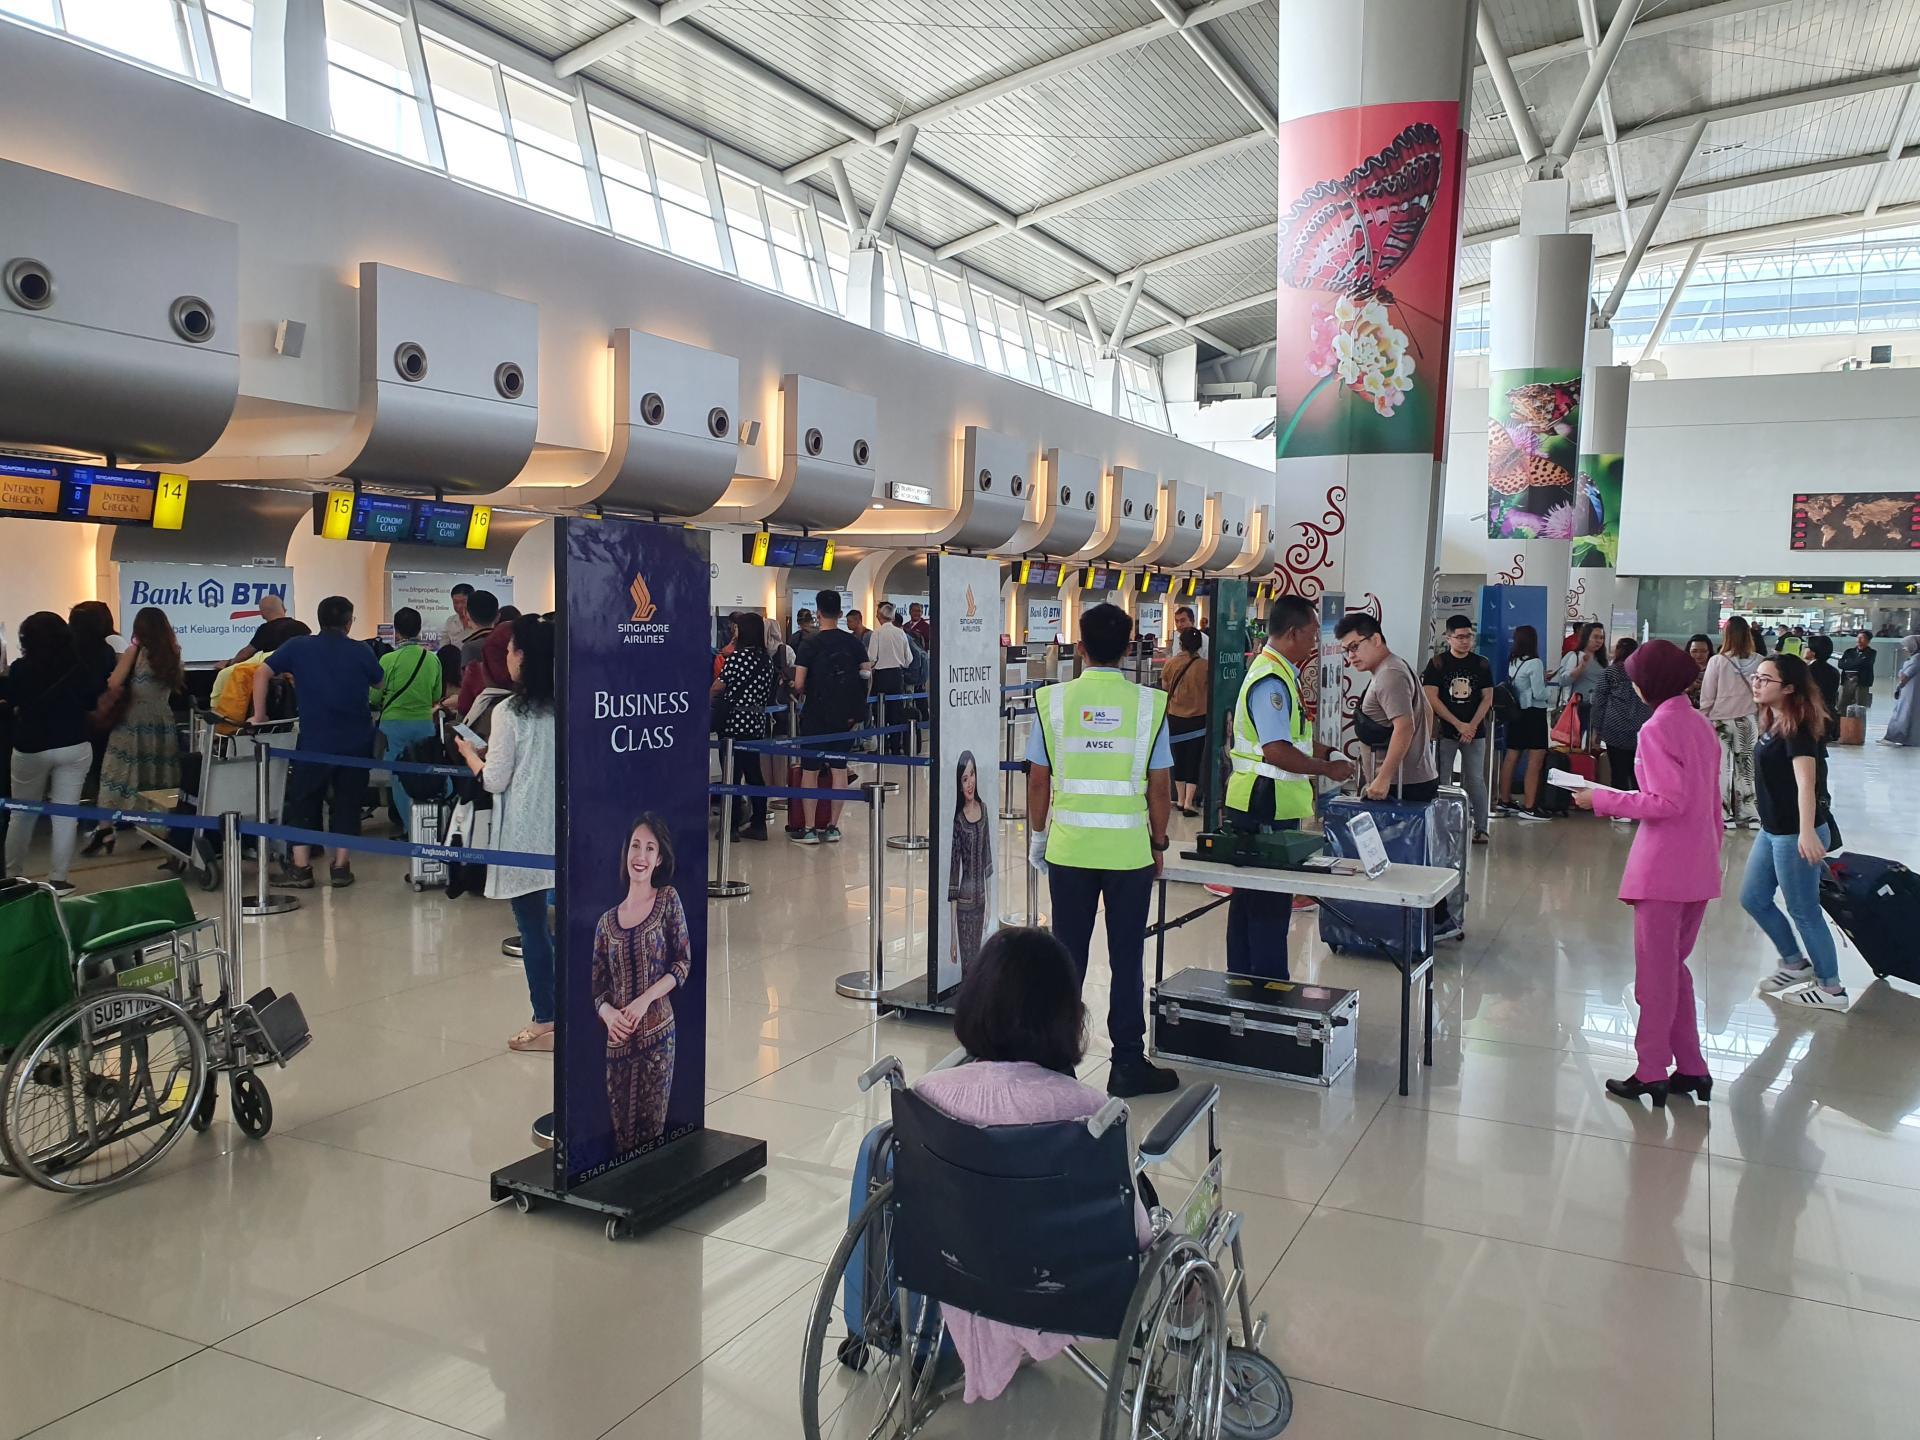 стойки регистрации в аэропорту города Сурабайя